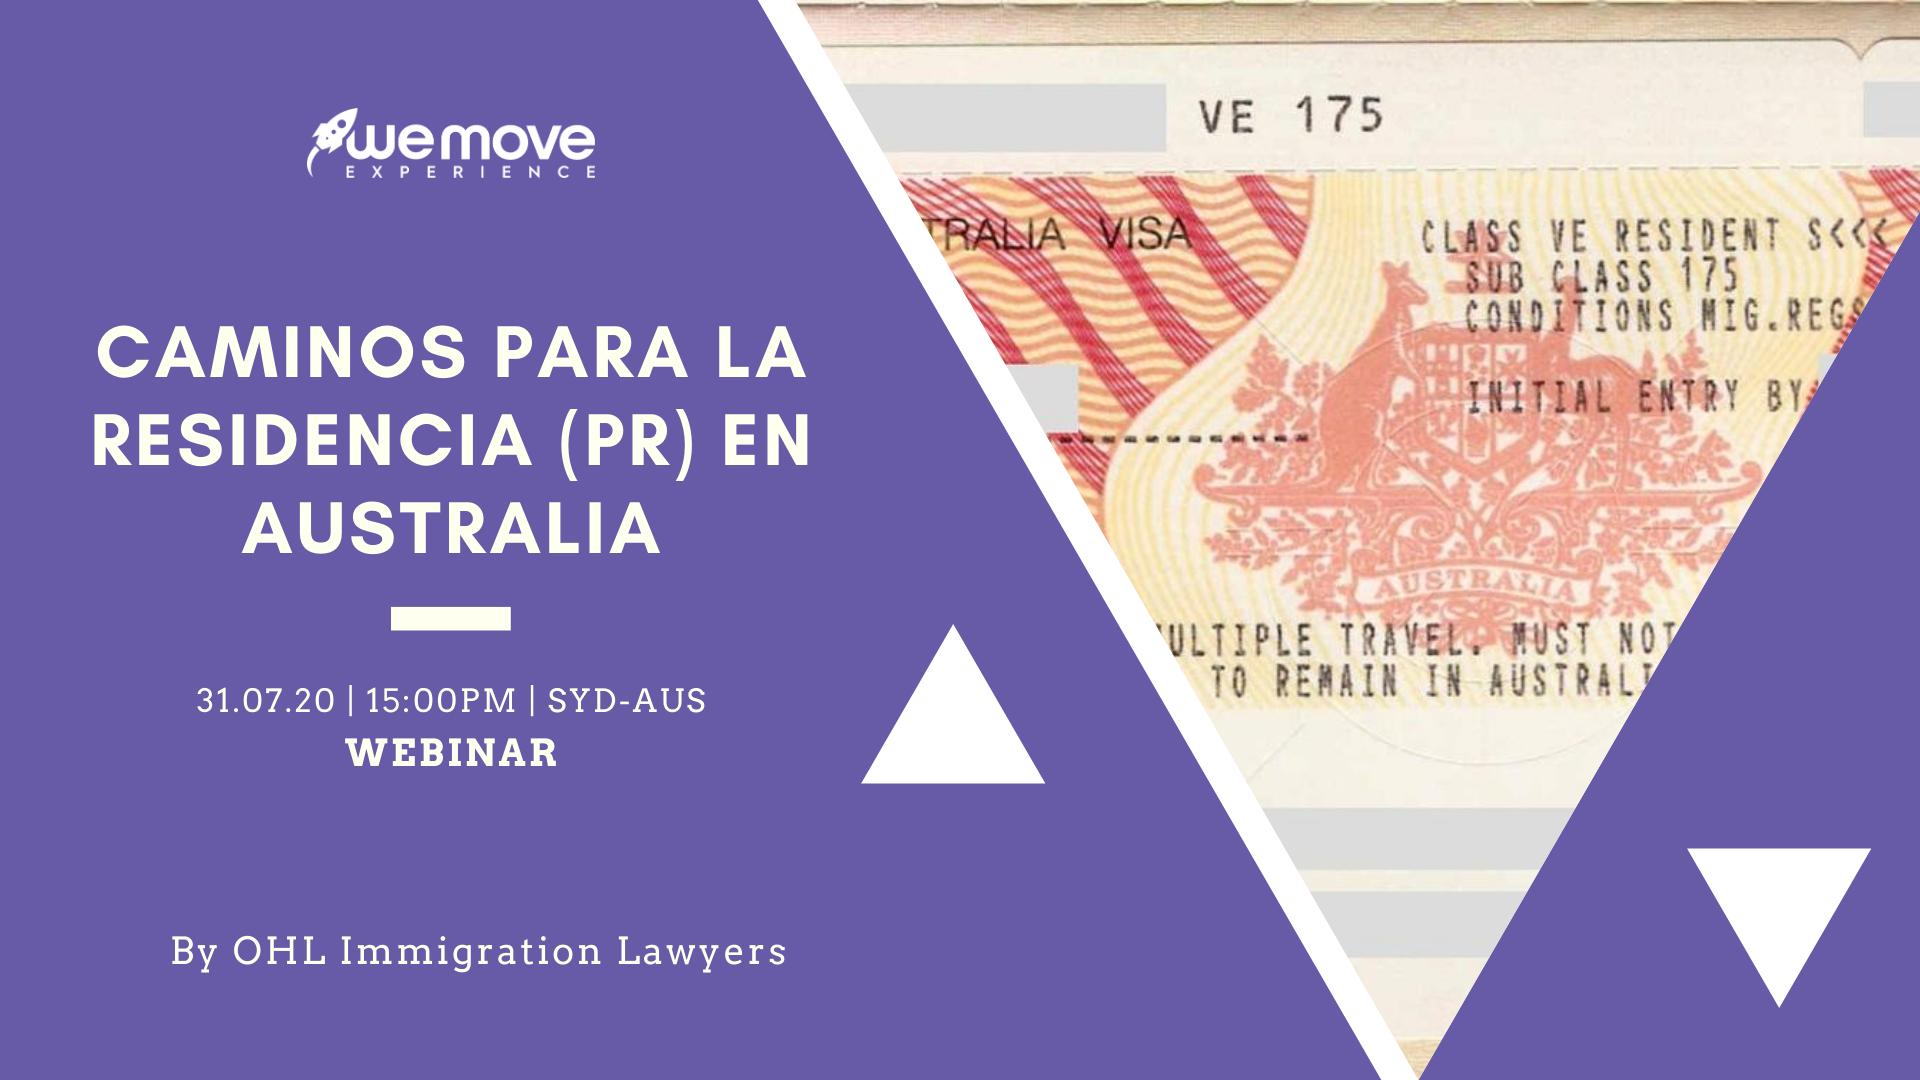 Webinar Migratorio - Caminos para la PR en Australia